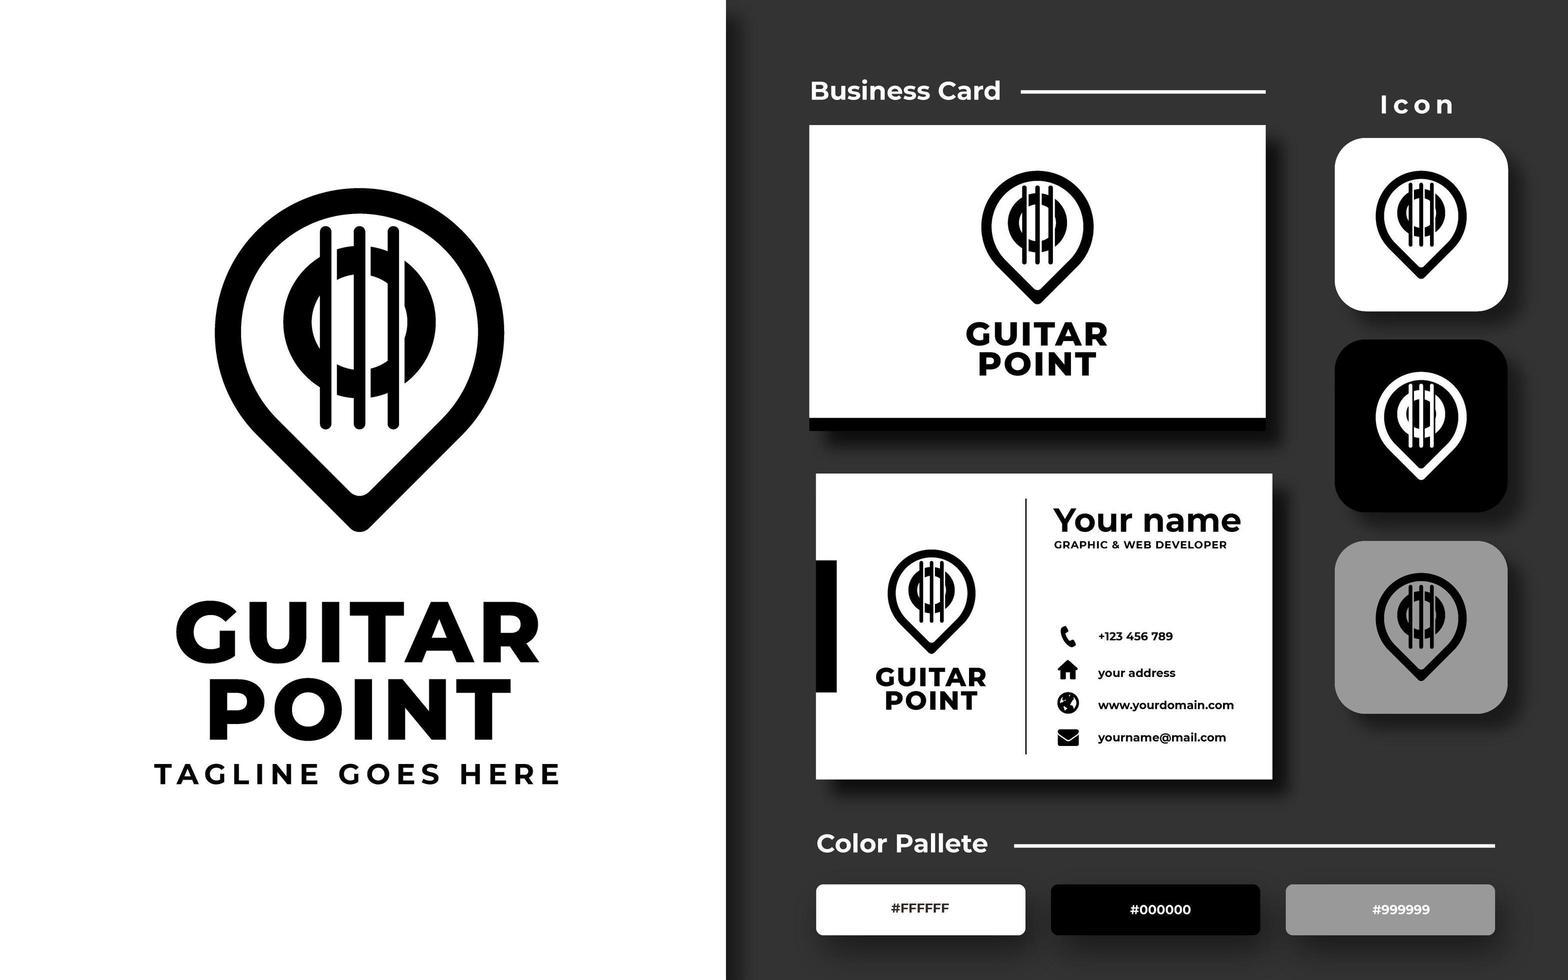 mapa pin plantilla de guitarra y tarjeta de visita vector